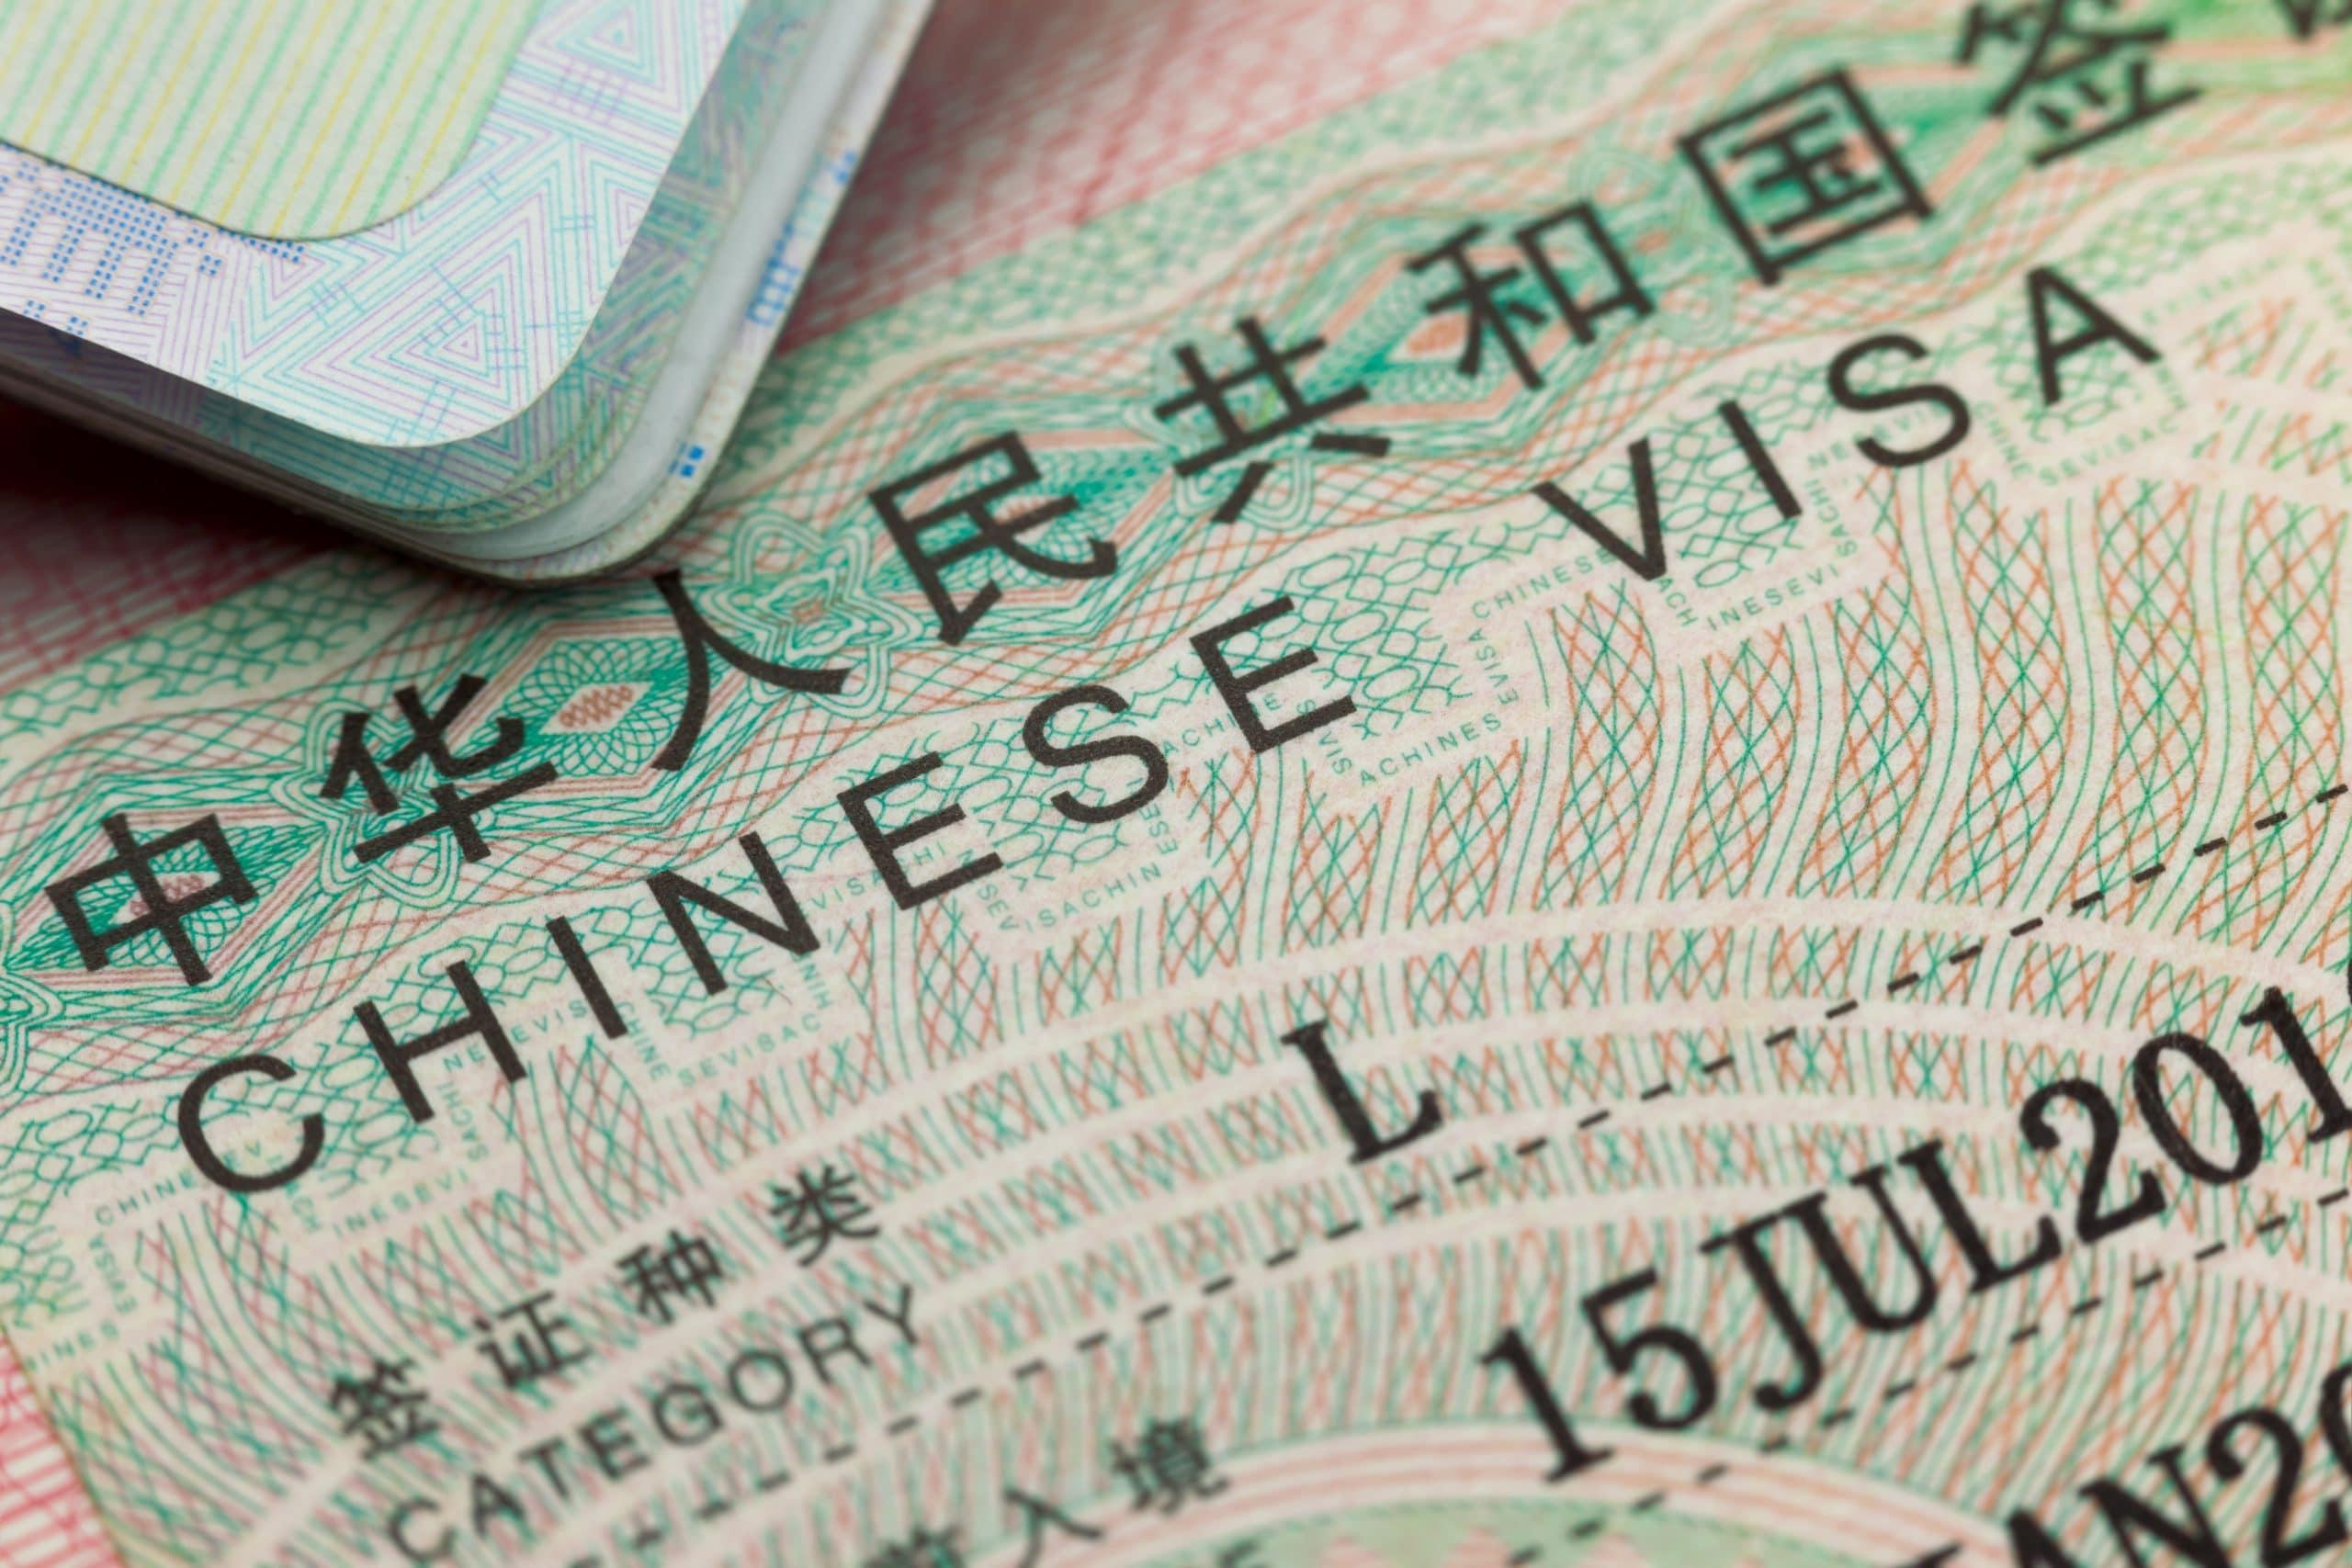 Paiement électronique le groupe visa ouvre son bureau régional